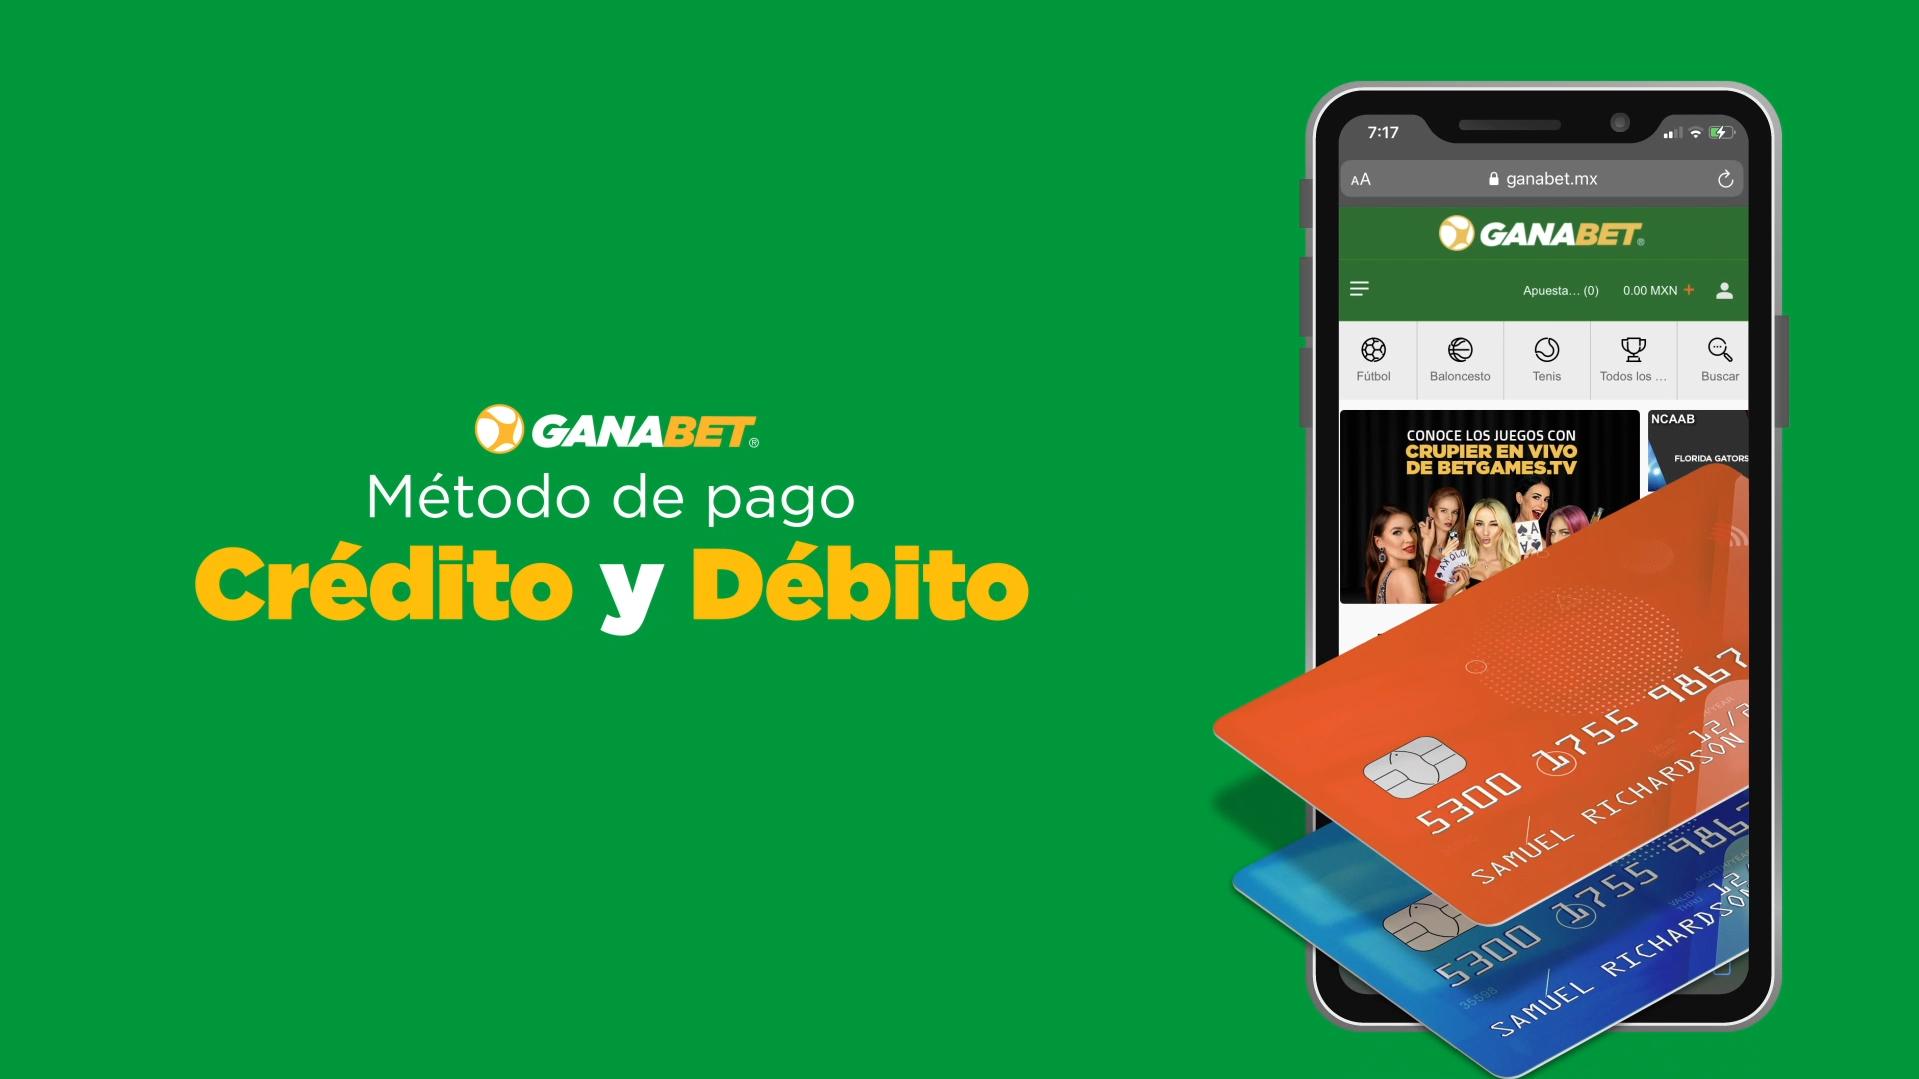 imagen tutorial metodo de pago con tarjeta